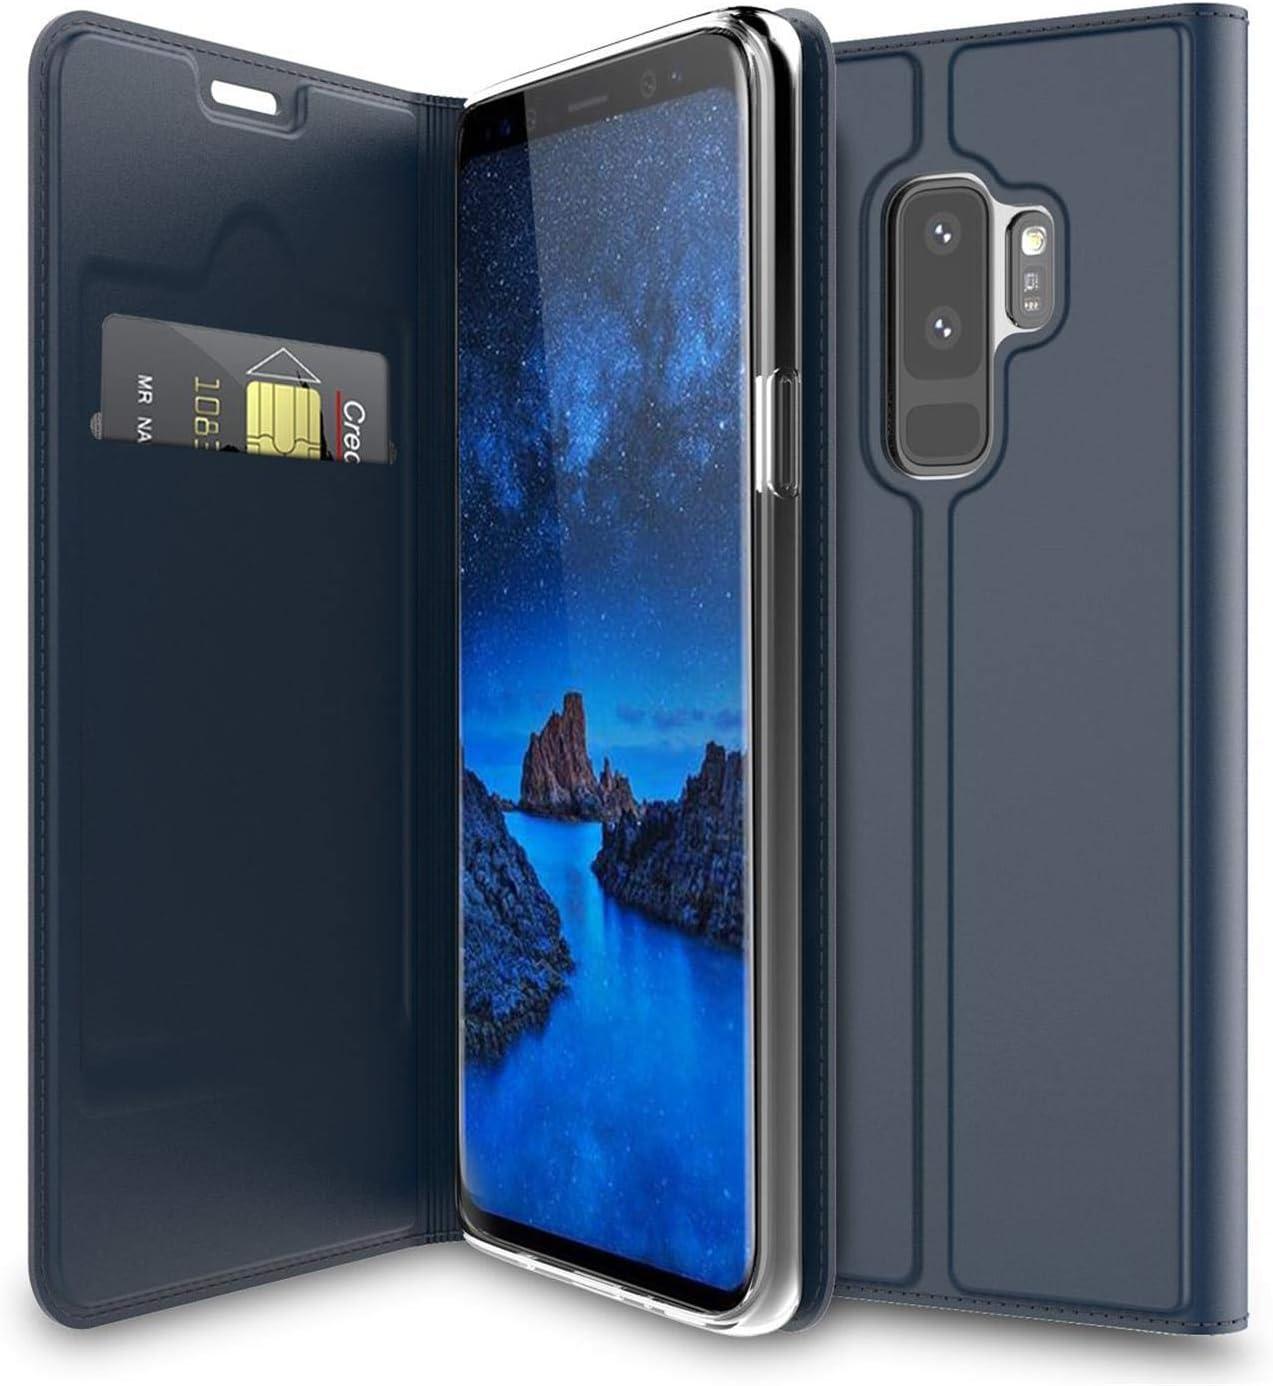 Verco Handyhülle Für Galaxy S9 Plus Premium Handy Flip Elektronik